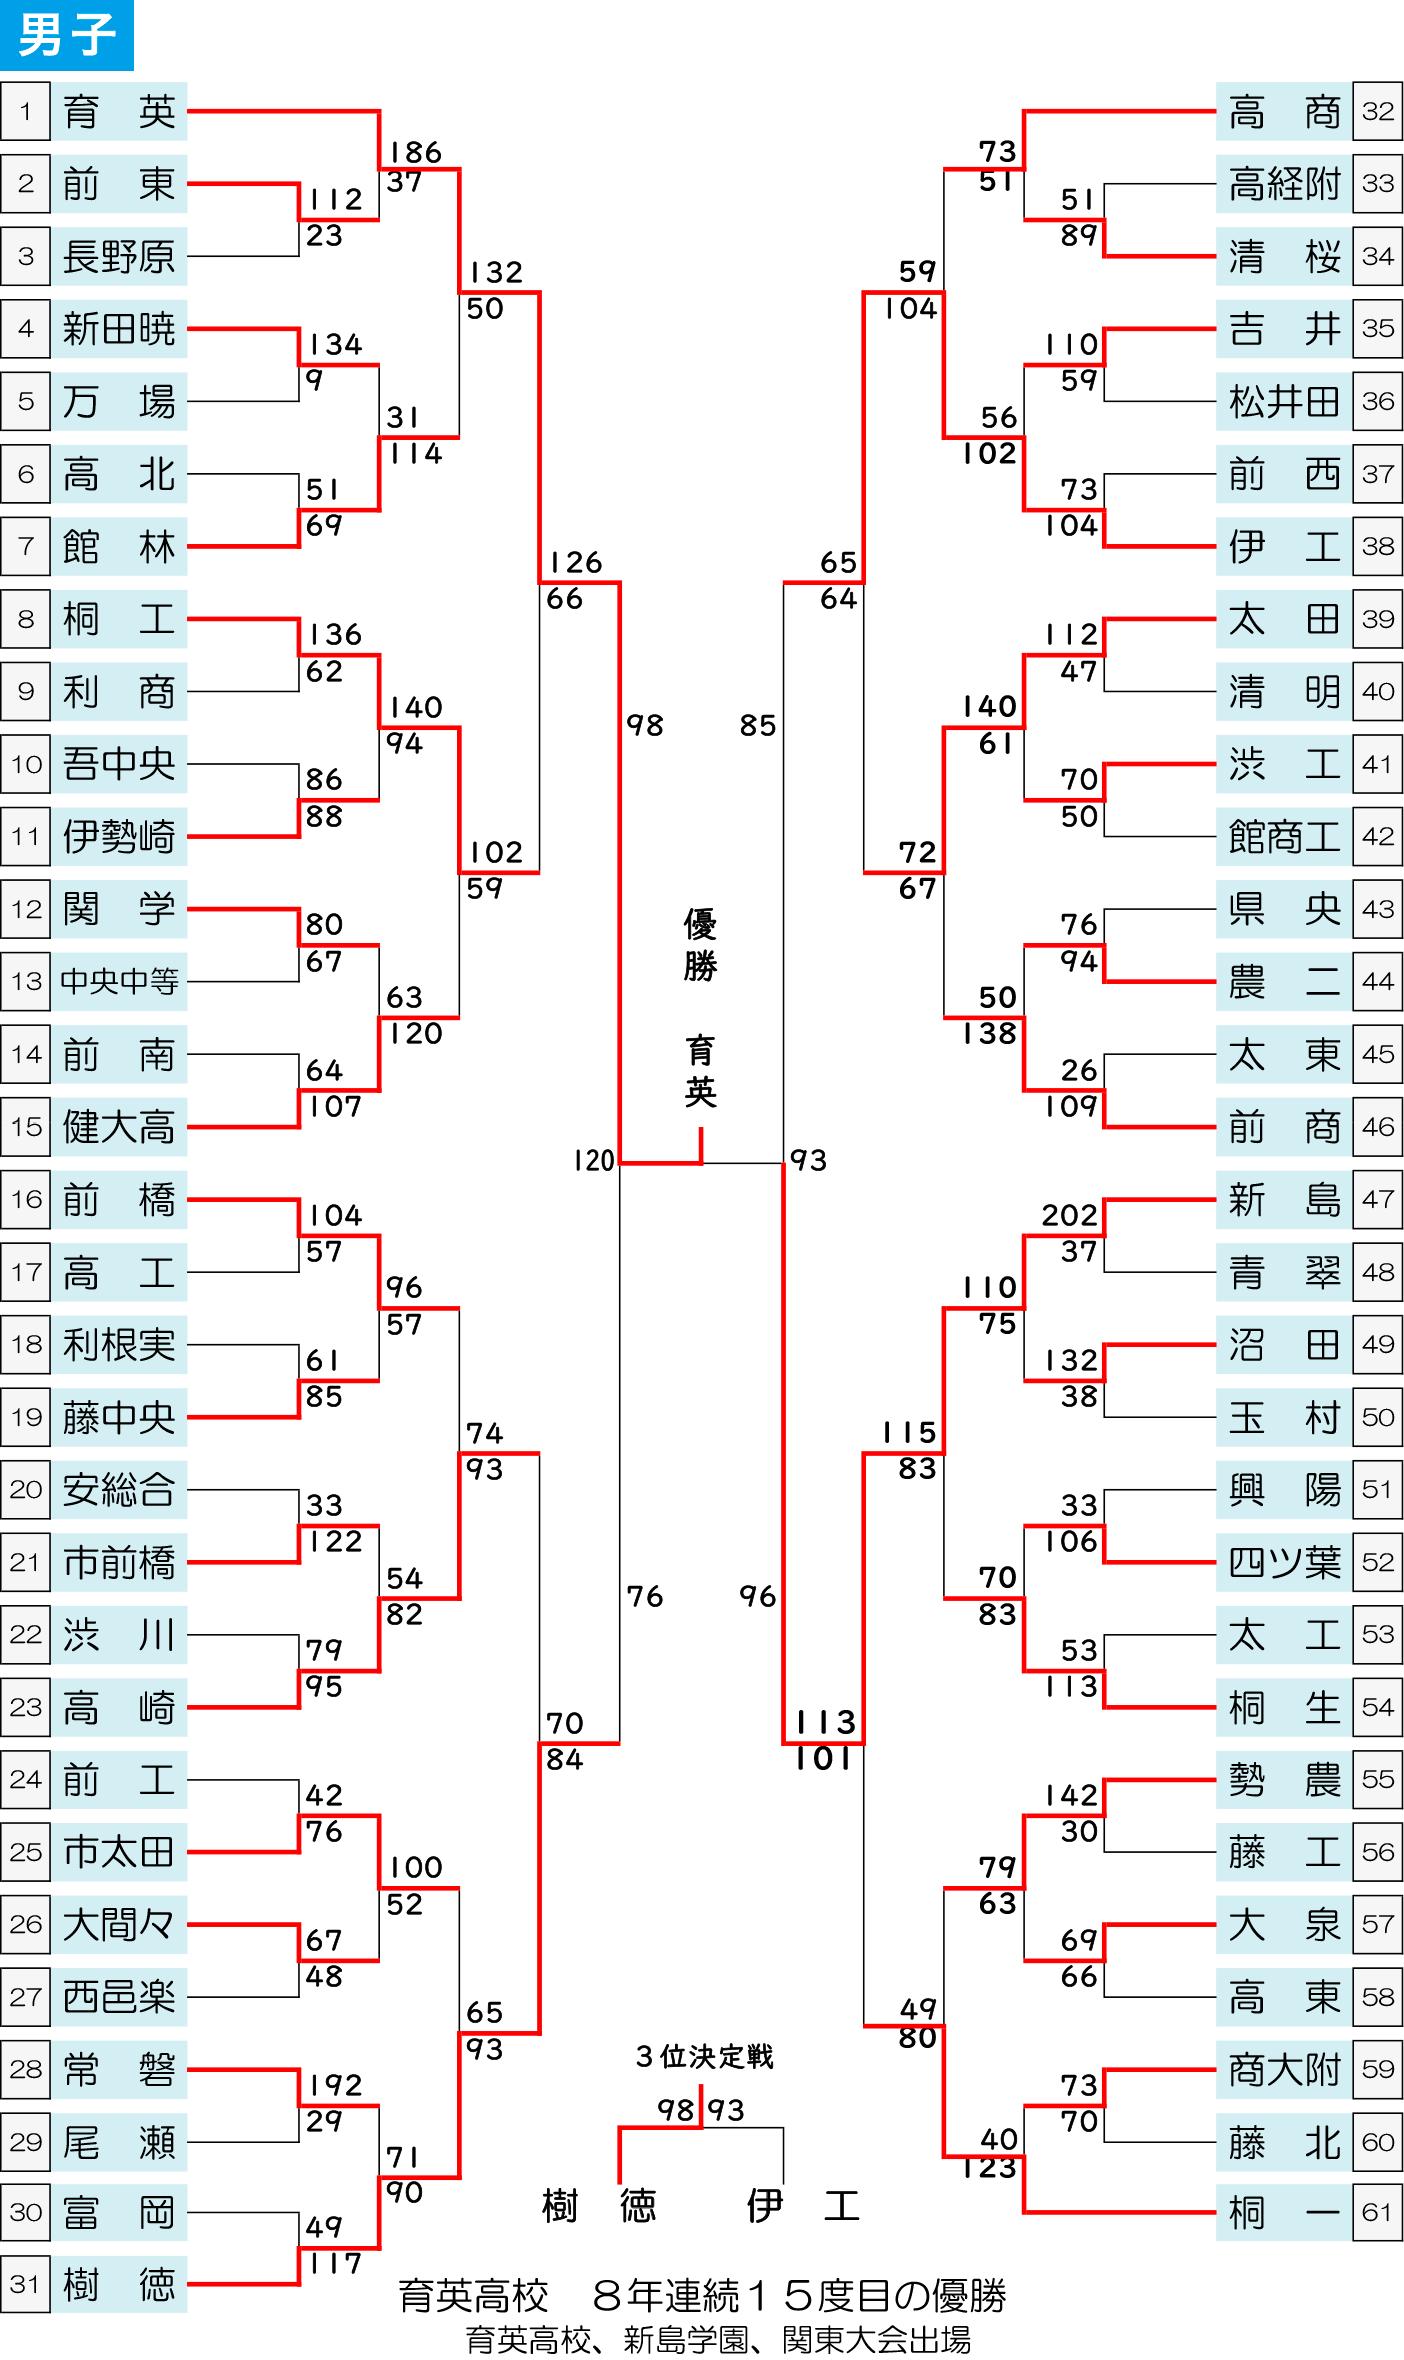 2021年度 第56回 群馬県高校総体 - 男子 大会結果